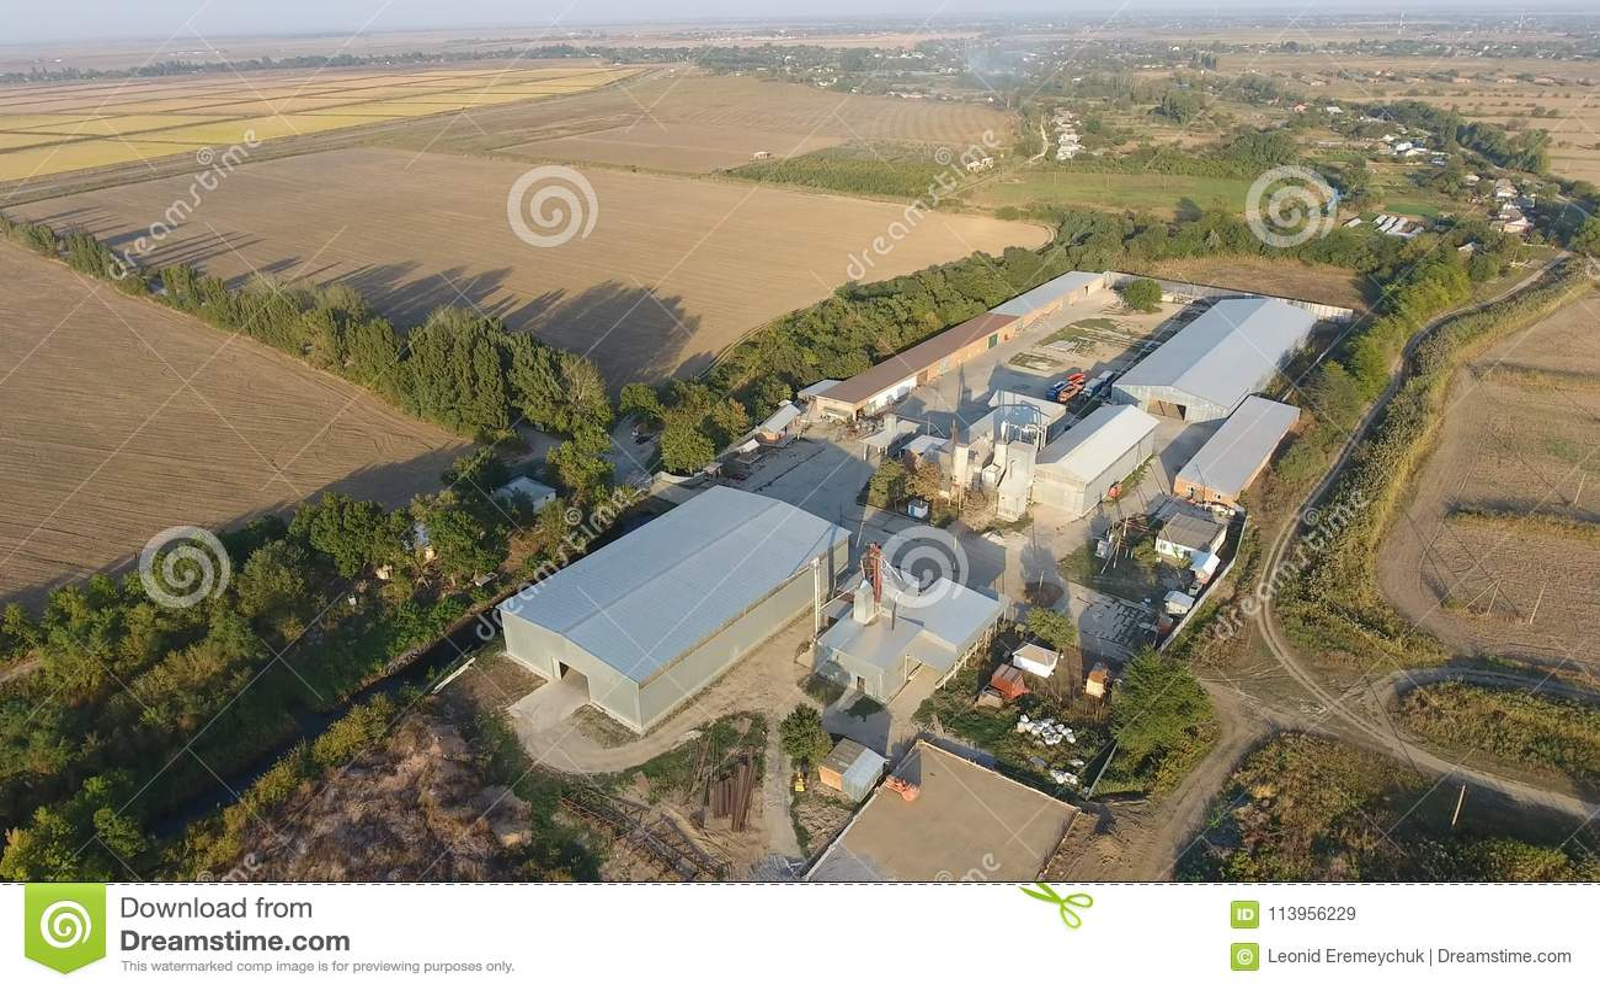 Ryżowa roślina Hangar dla magazynu adra Platforma dla suszyć i sintering adry Zbierająca adra